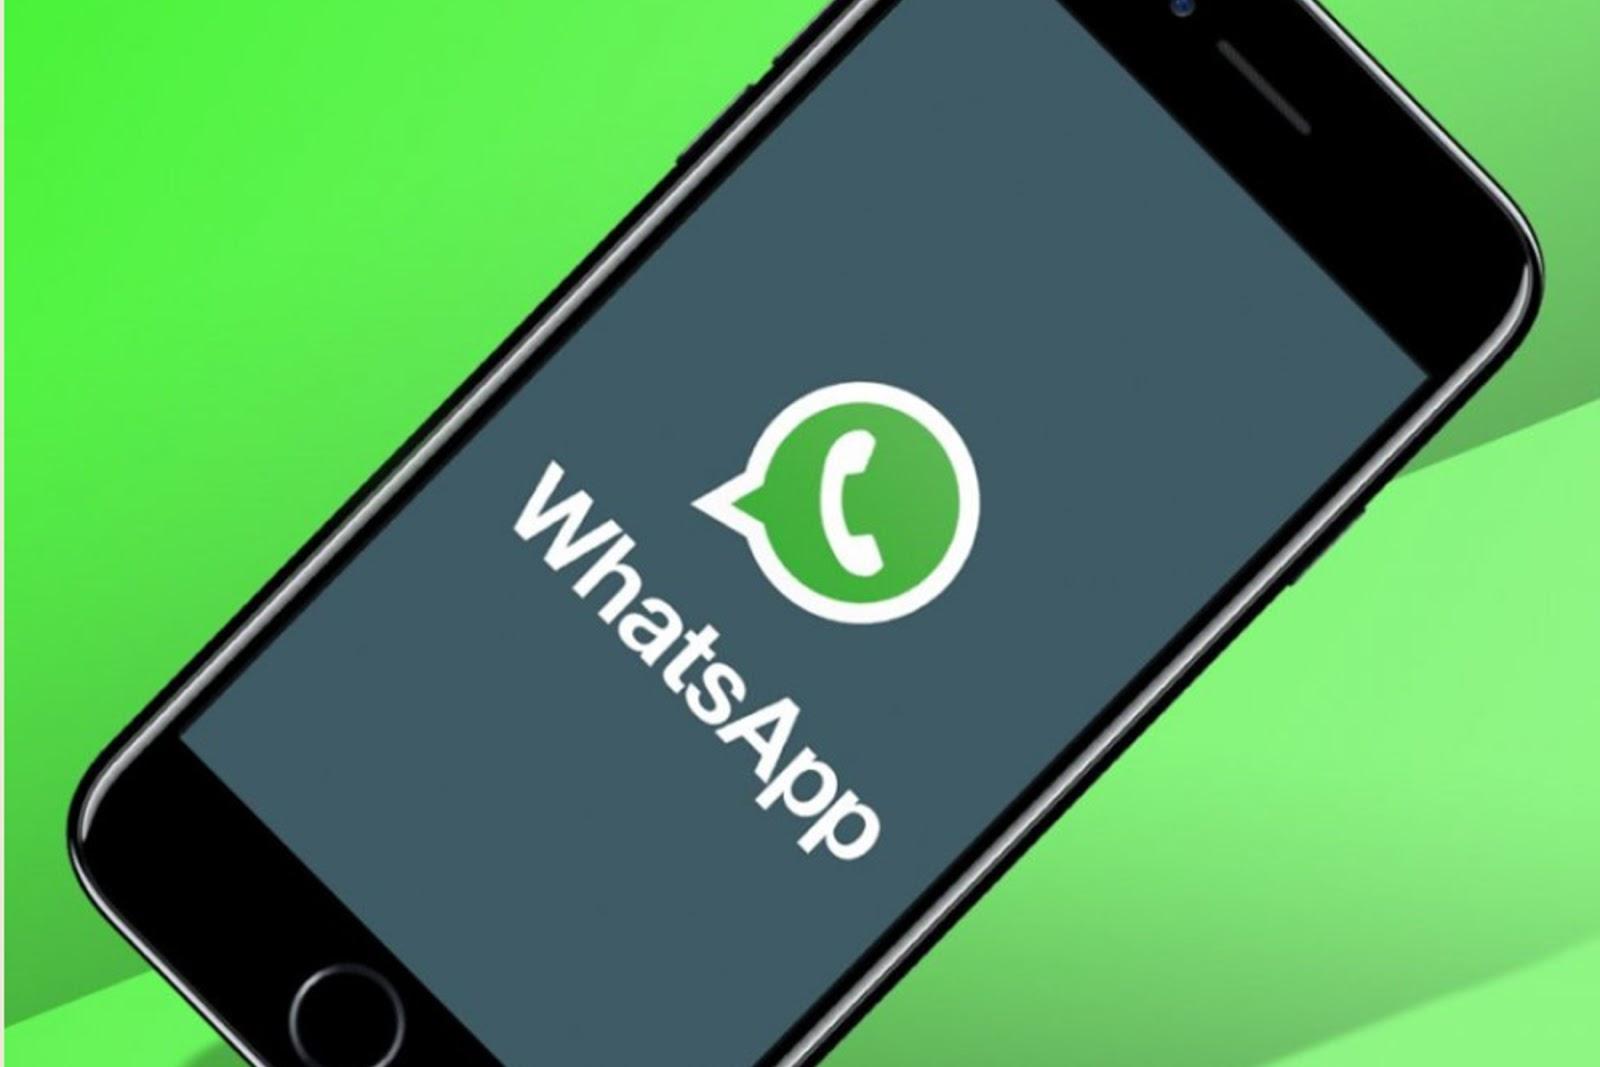 Genaue Vorgehensweise um WhatsApp Gruppen zu hacken